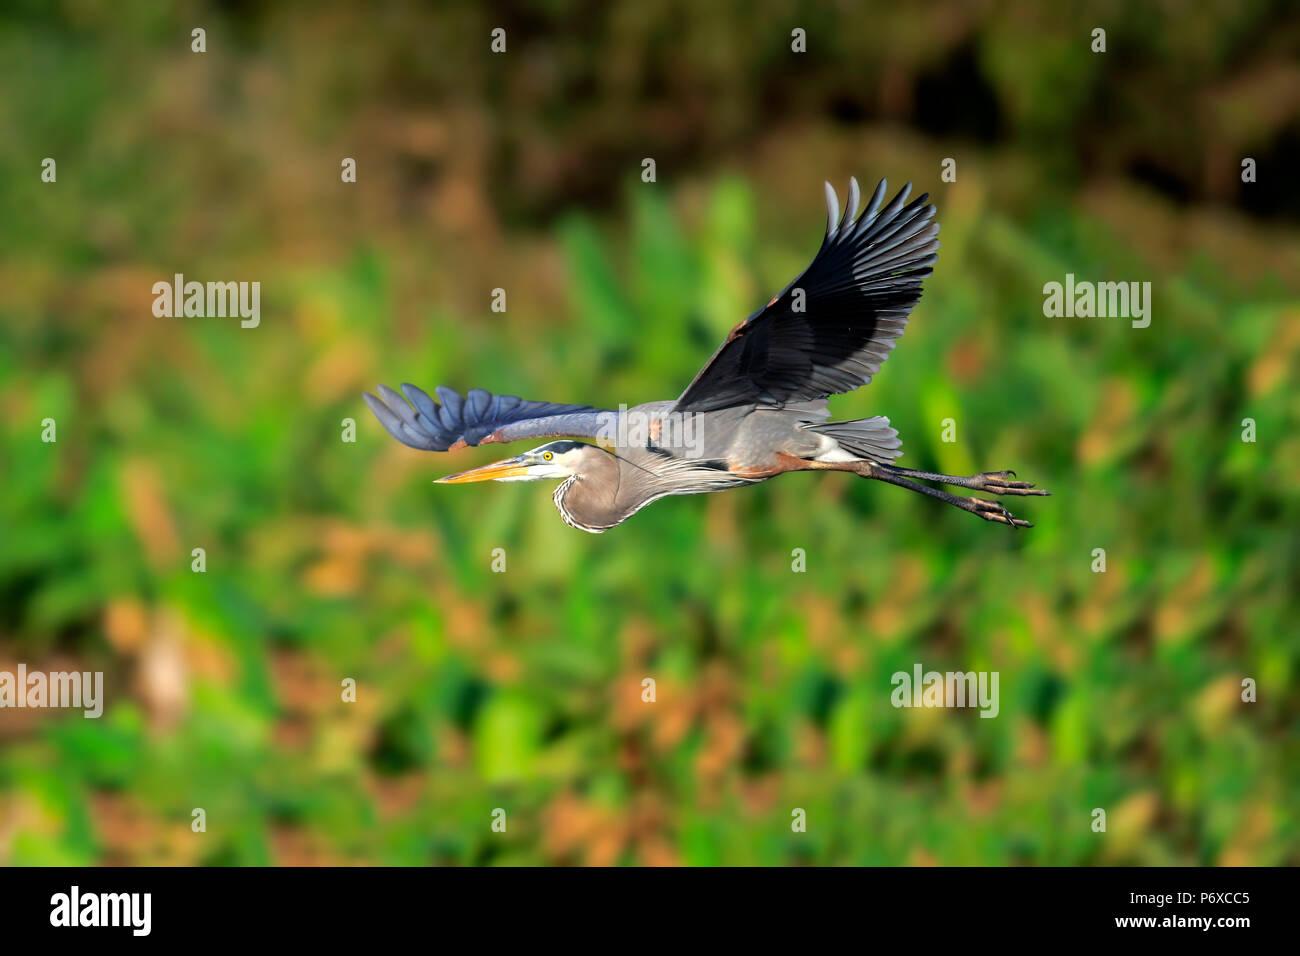 Great Blue Heron, adulto vuela, Wakodahatchee humedales, Delray Beach, Florida, Estados Unidos, Ardea herodias Foto de stock